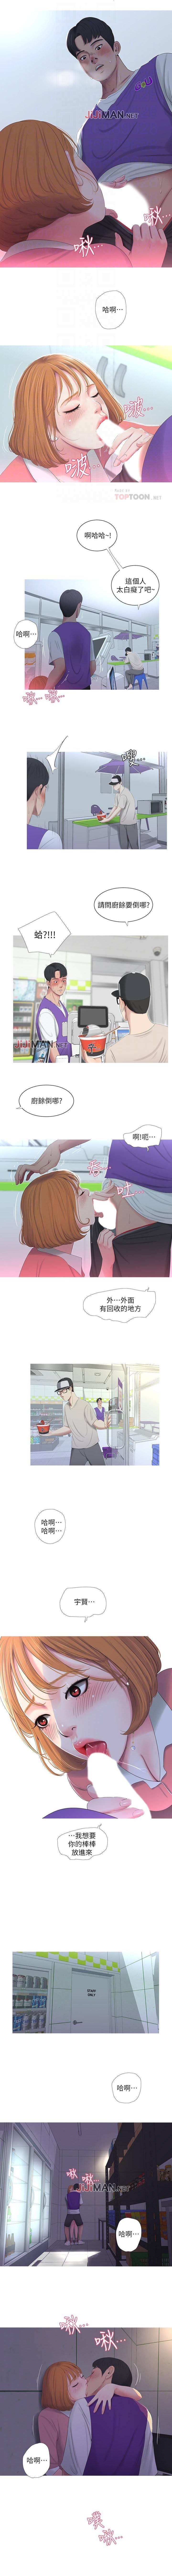 【周四连载】亲家四姐妹(作者:愛摸) 第1~37话 41